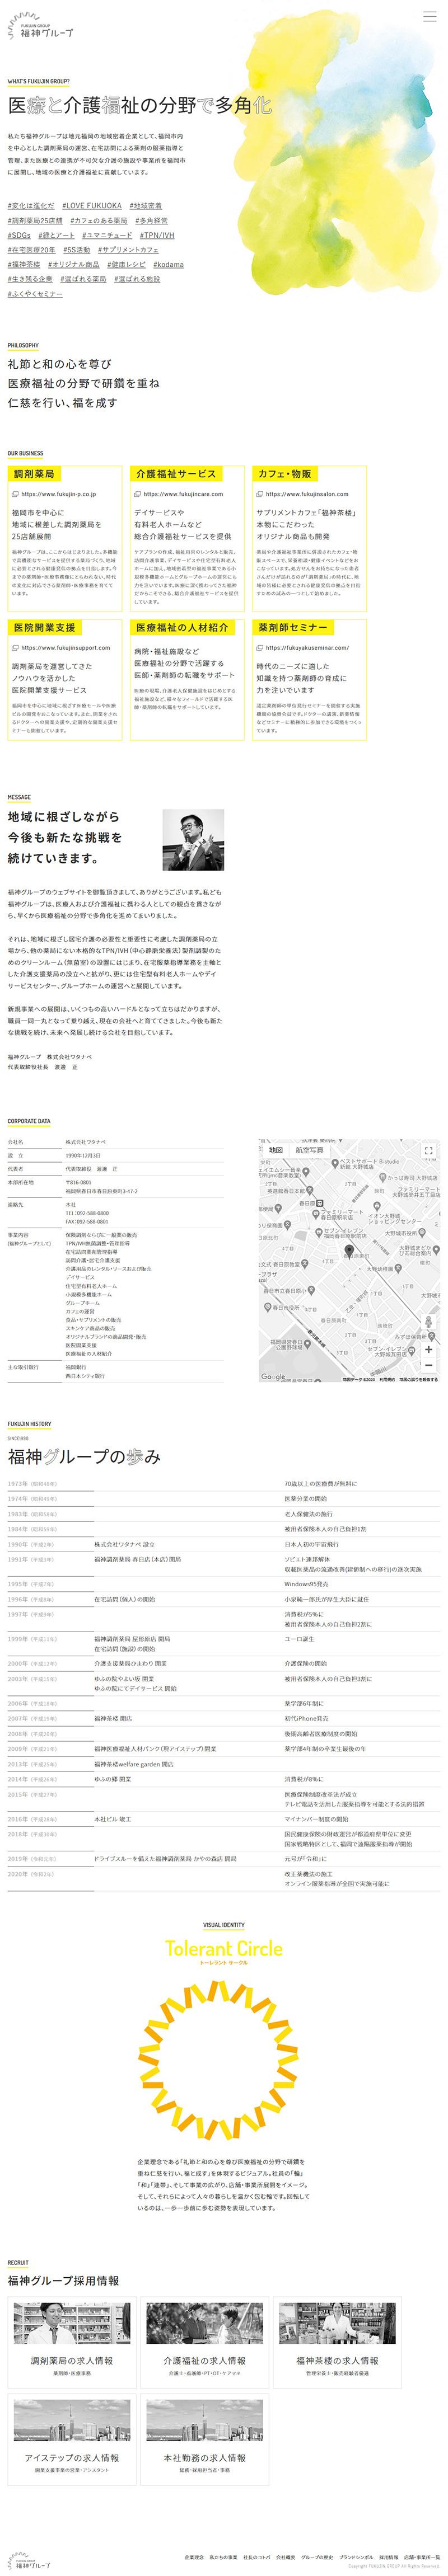 福神グループ様オフィシャルウェブサイト